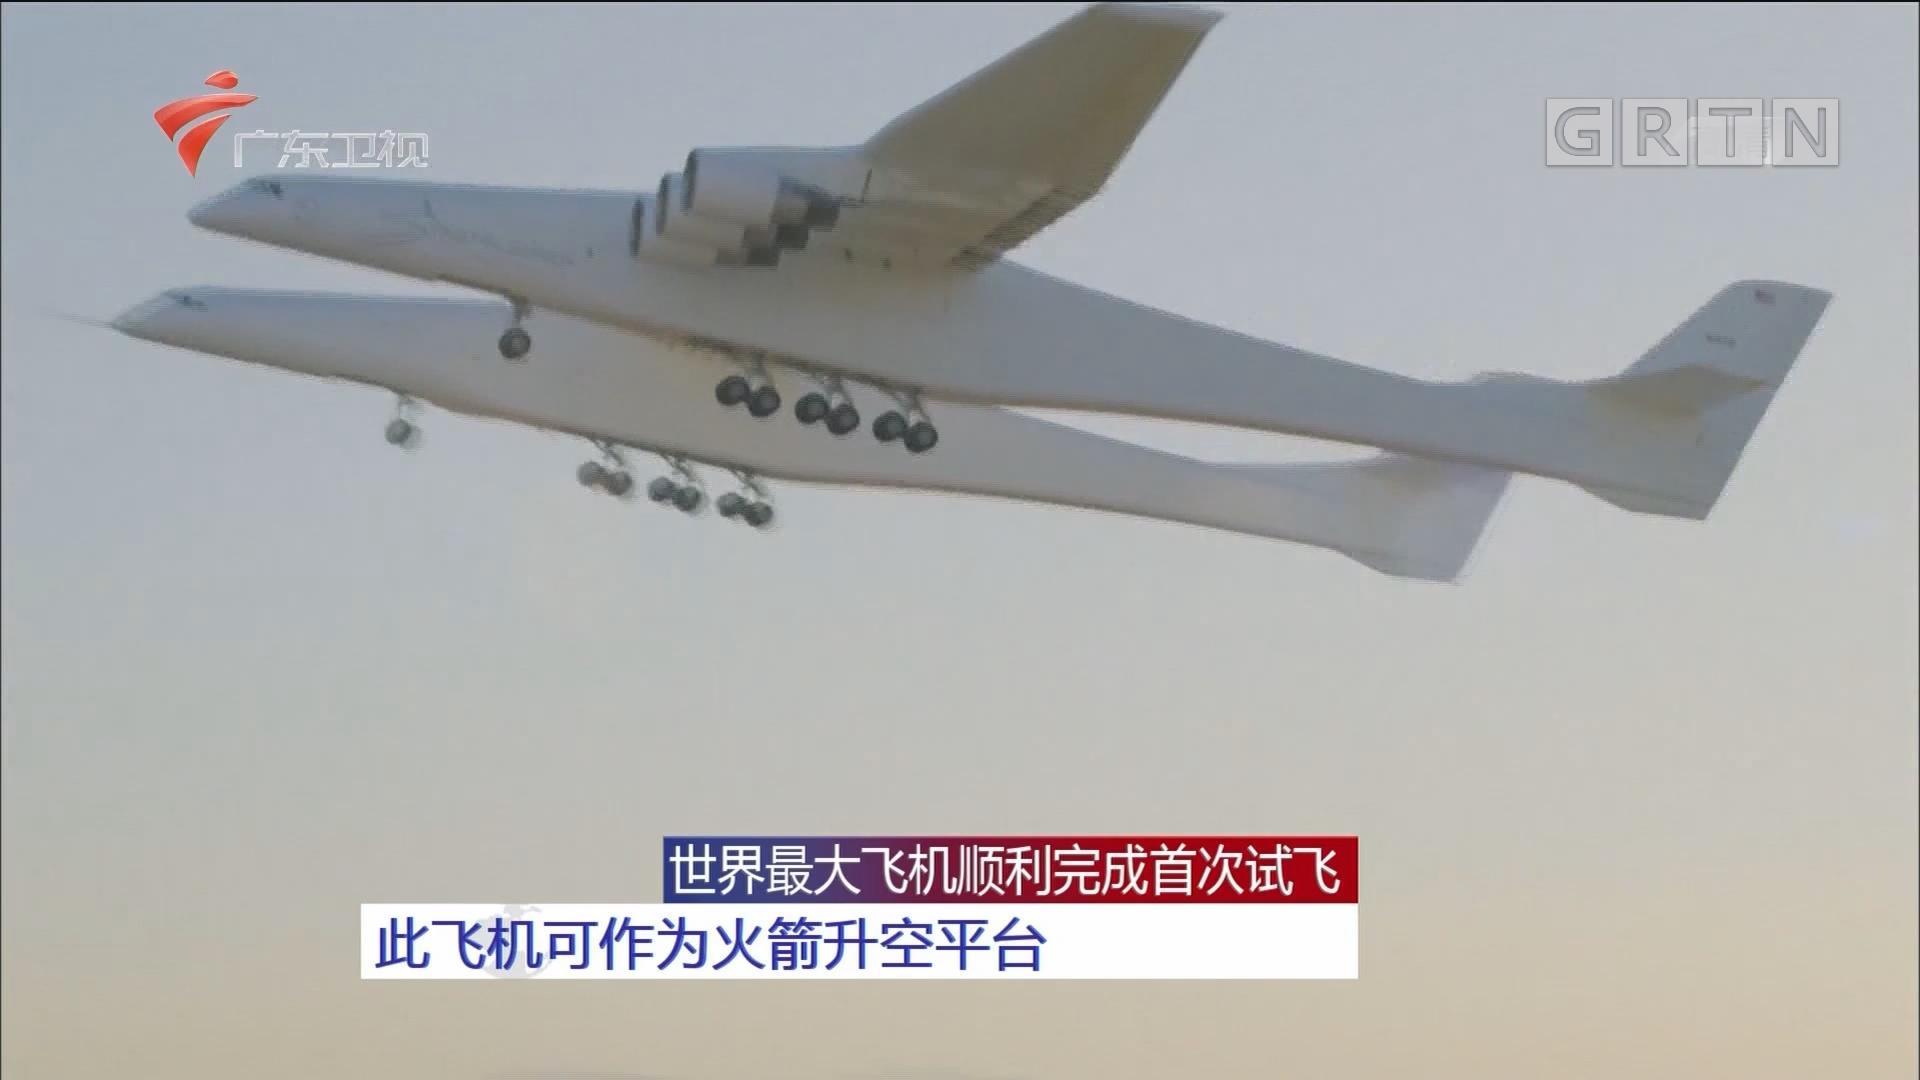 世界最大飞机顺利完成首次试飞 此飞机可作为火箭升空平台